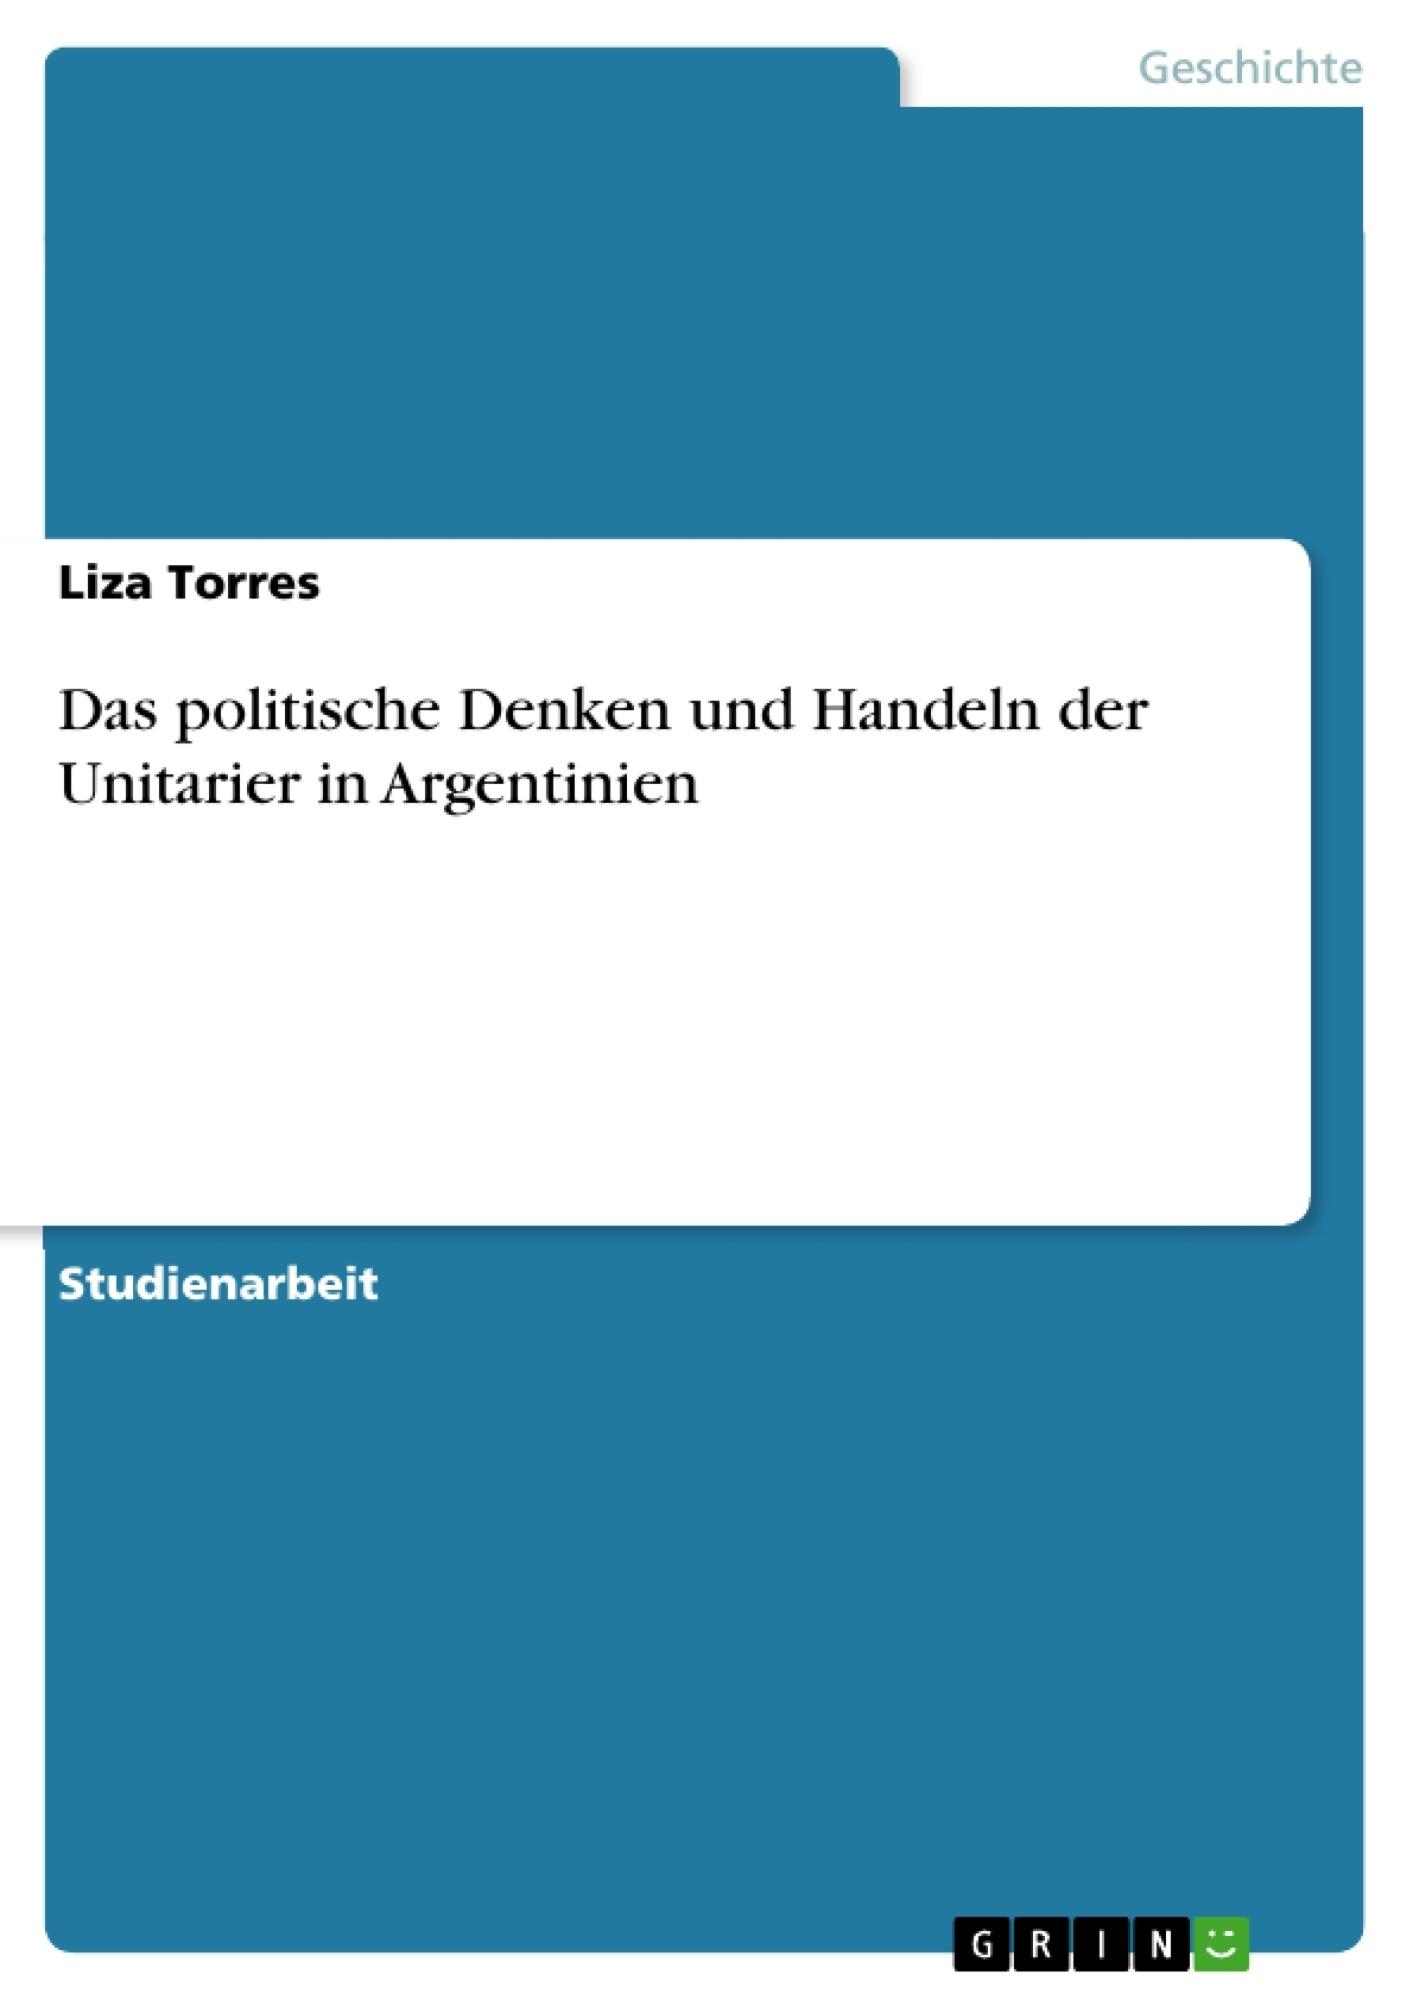 Titel: Das politische Denken und Handeln der Unitarier in Argentinien